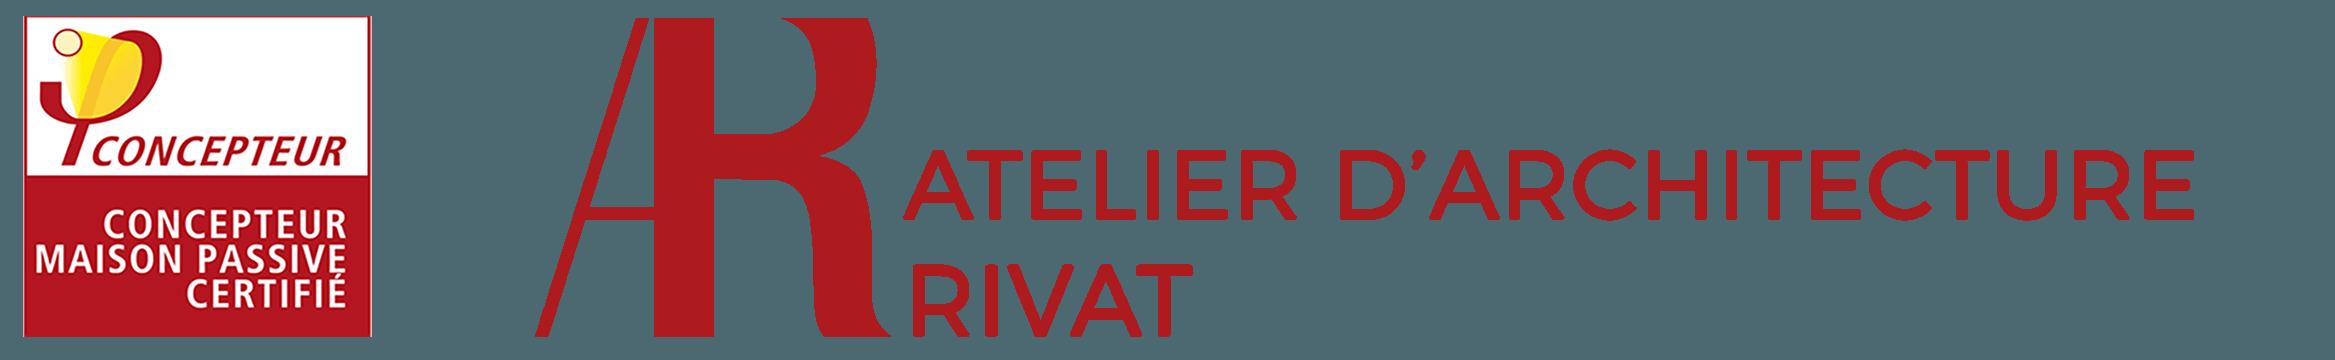 Atelier d'Architecture RIVAT